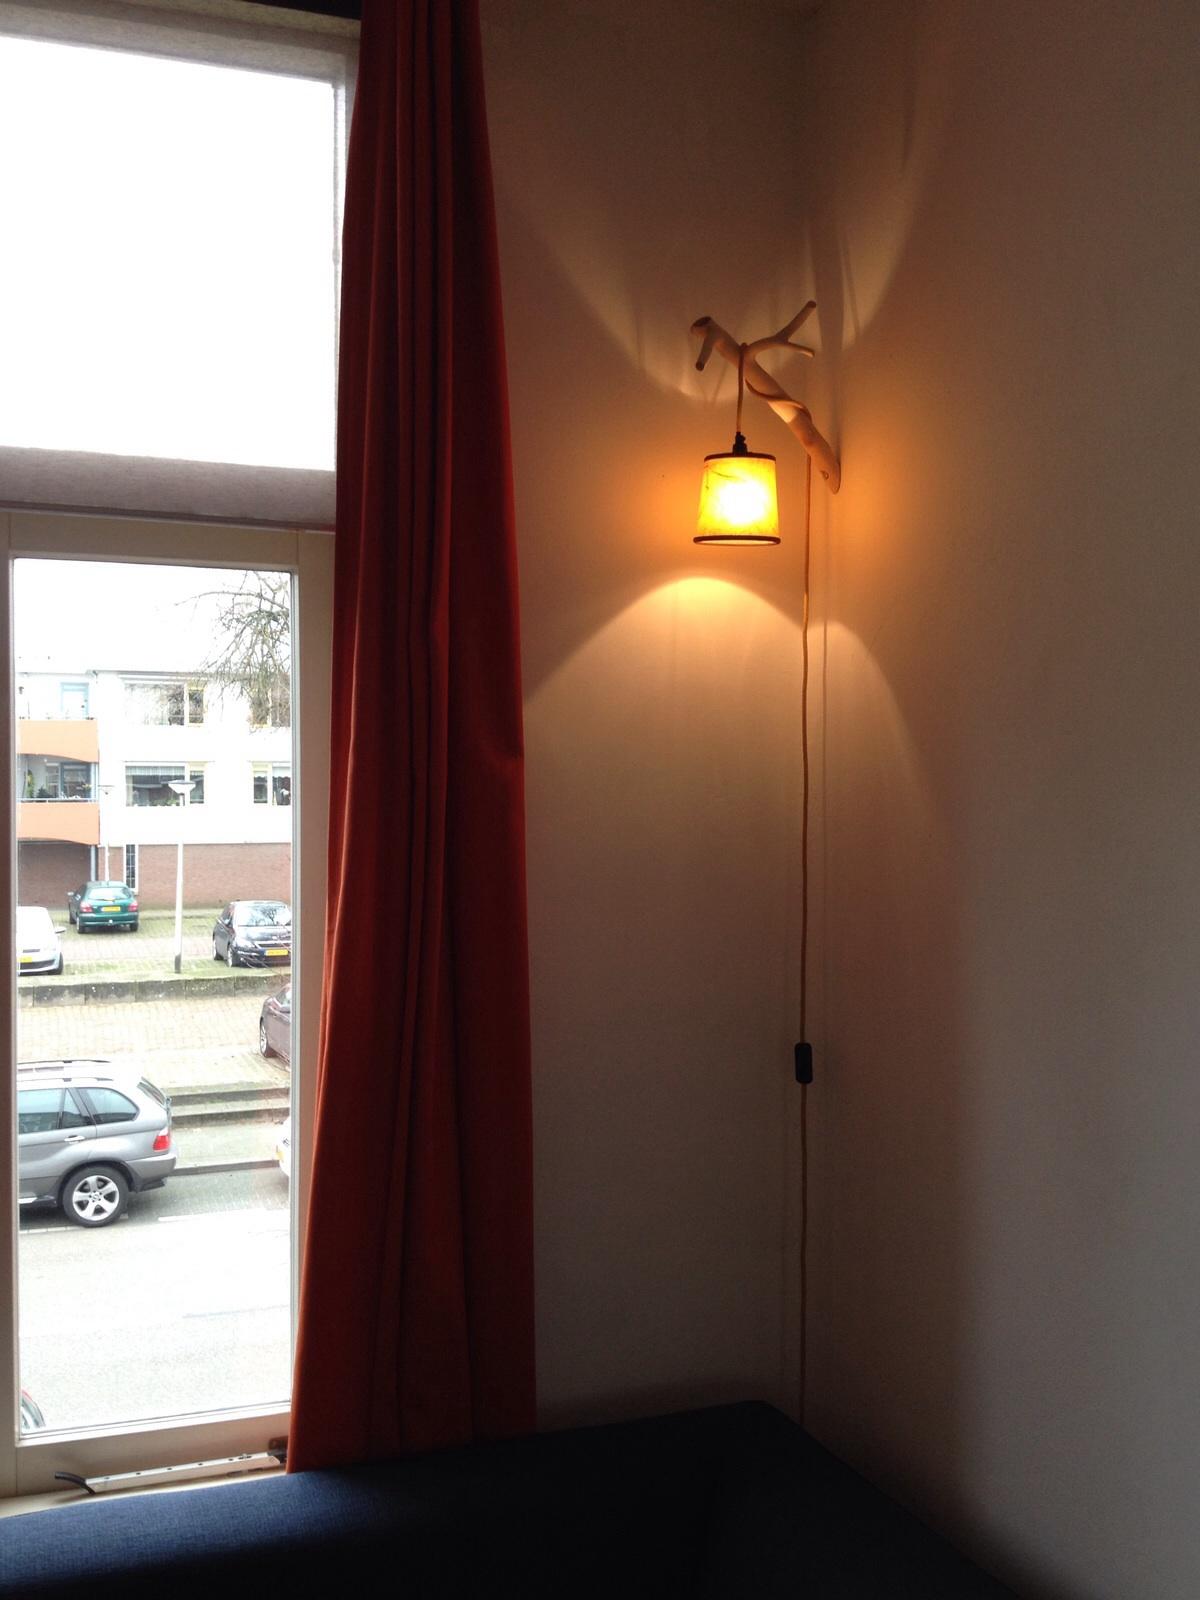 2/5 De lamp heeft een mooie plek gekregen aan de muur bij de klant